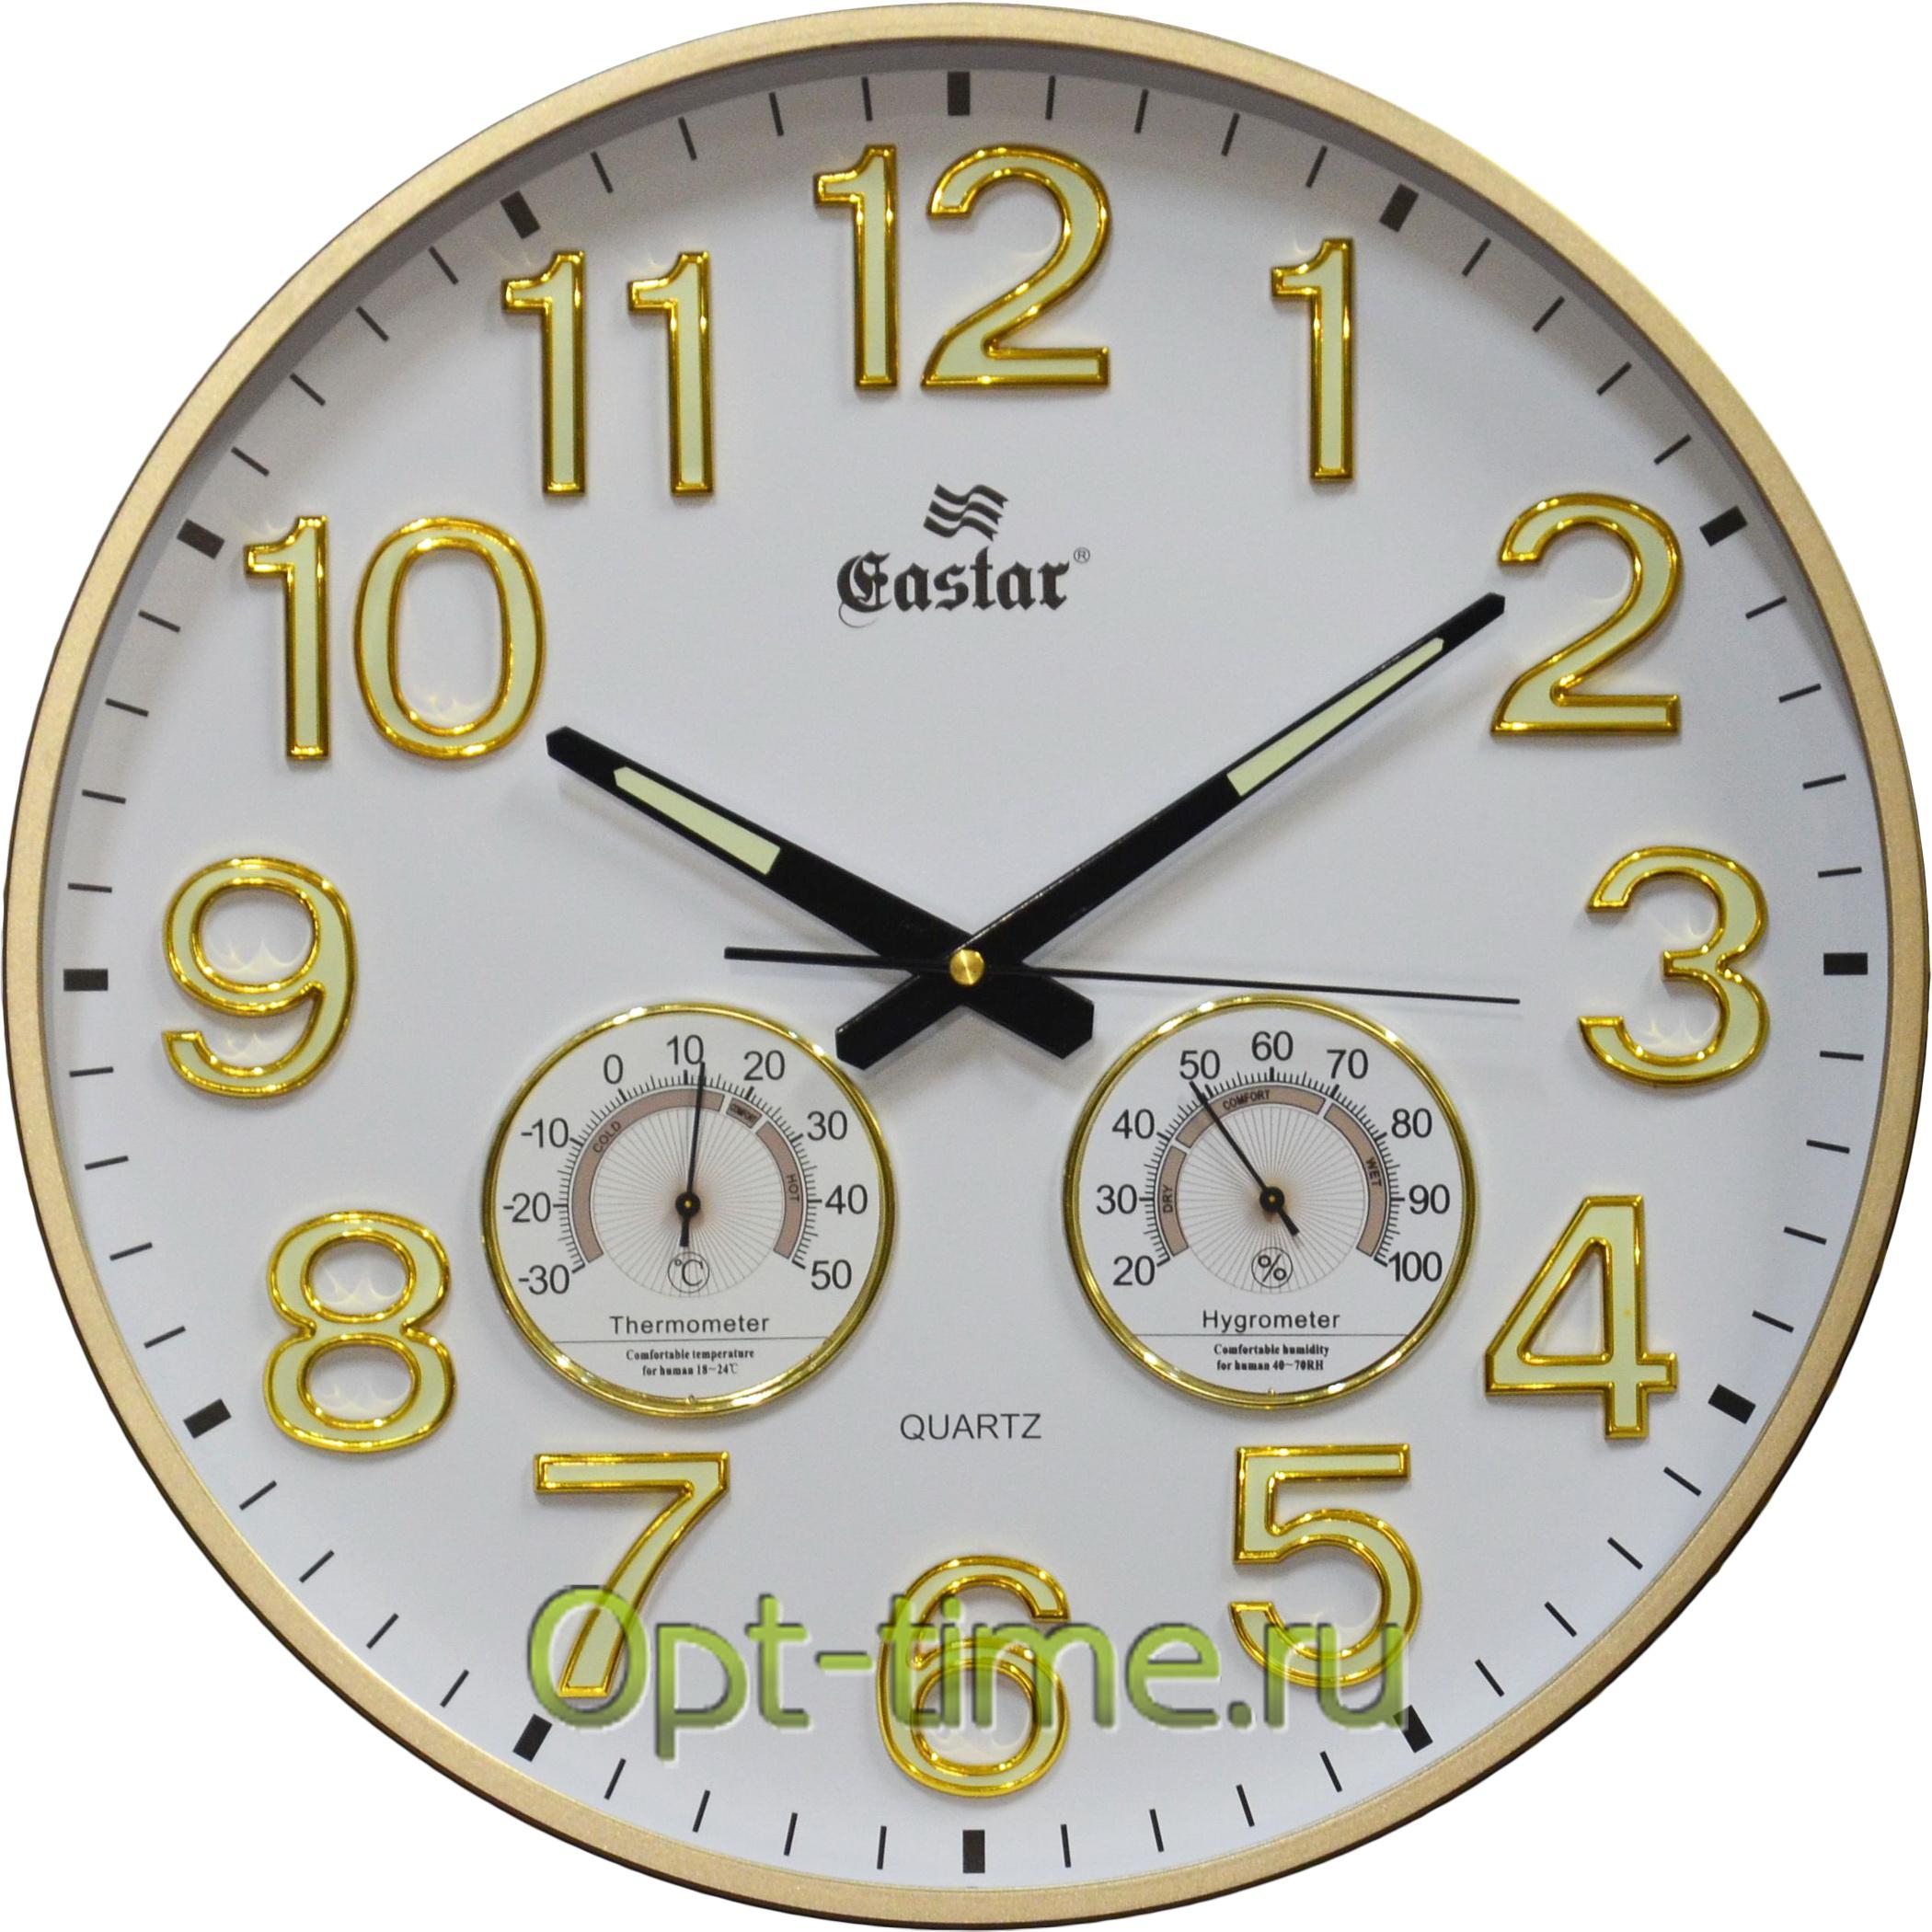 Настенные часы Gastar 3219 A по низкой цене.